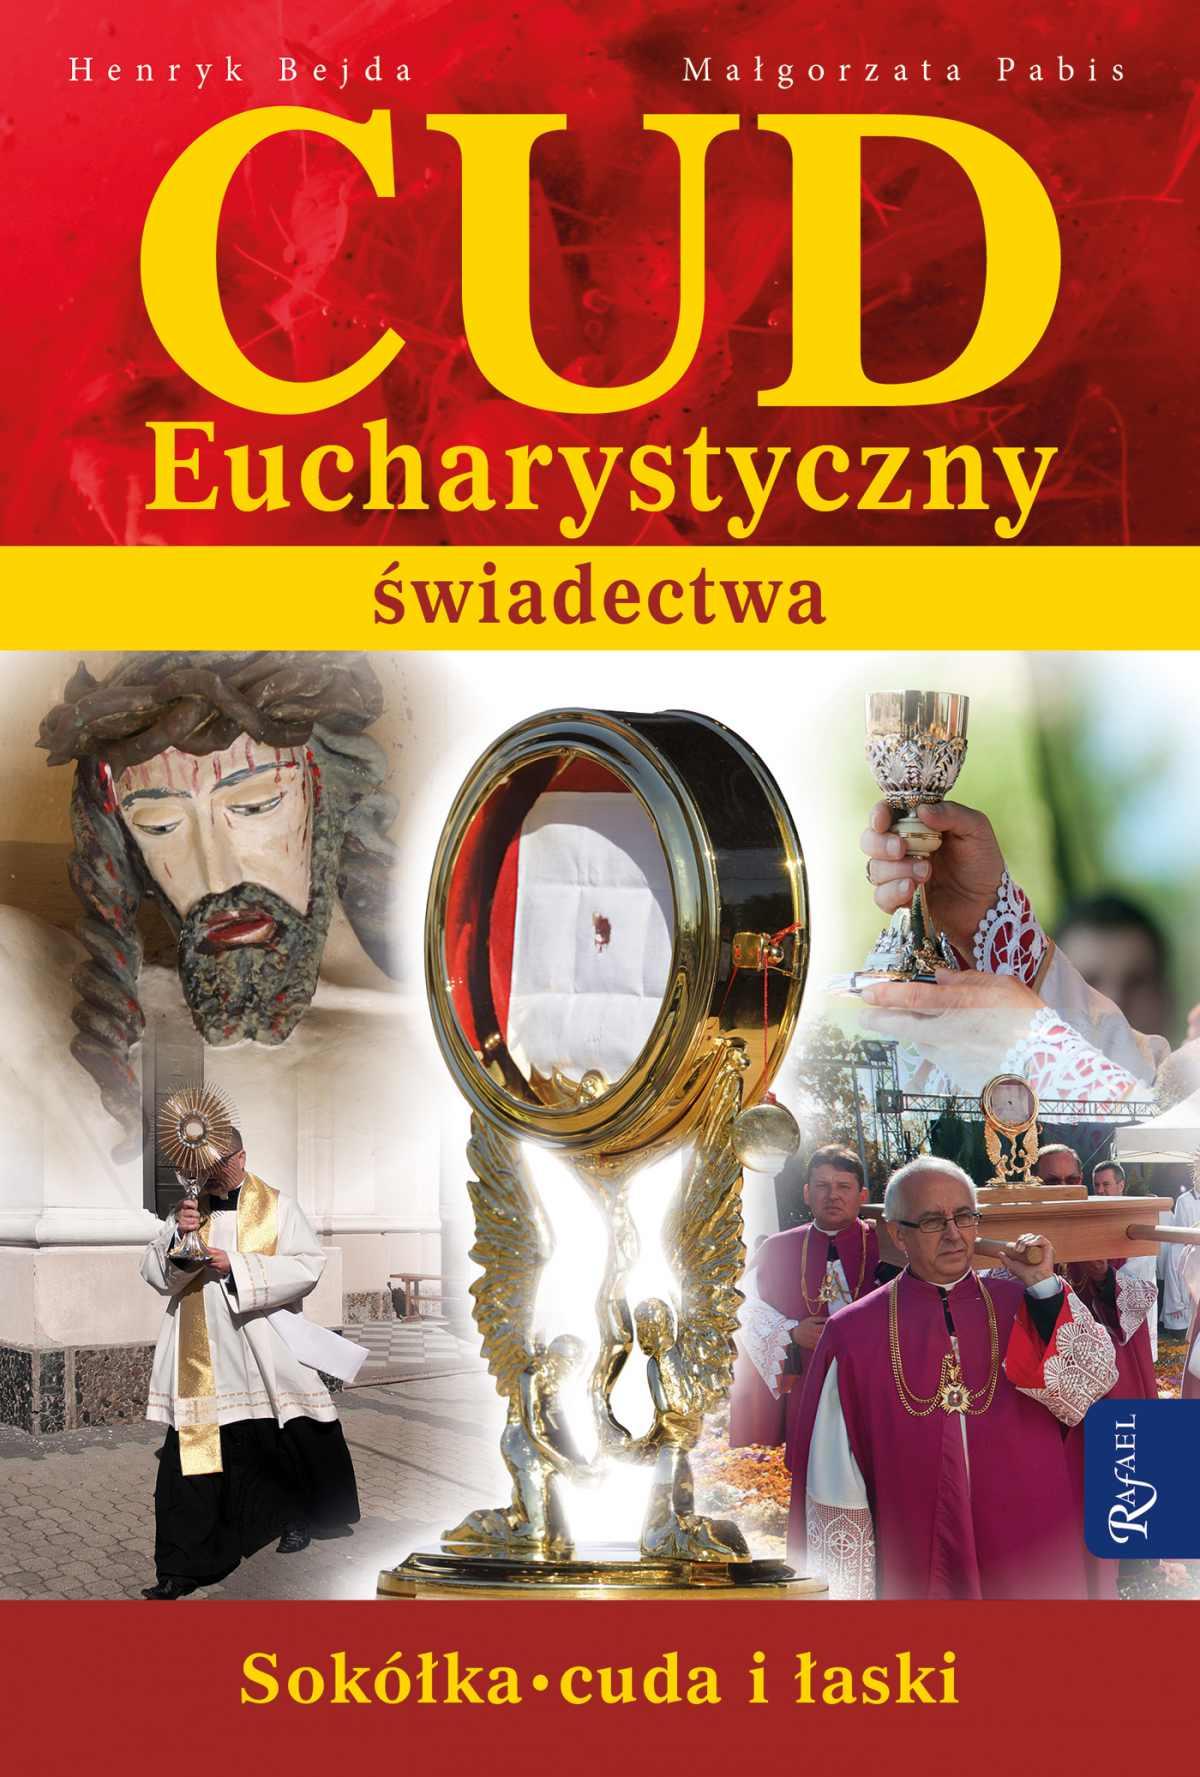 Cud Eucharystyczny. Świadectwa - Ebook (Książka EPUB) do pobrania w formacie EPUB